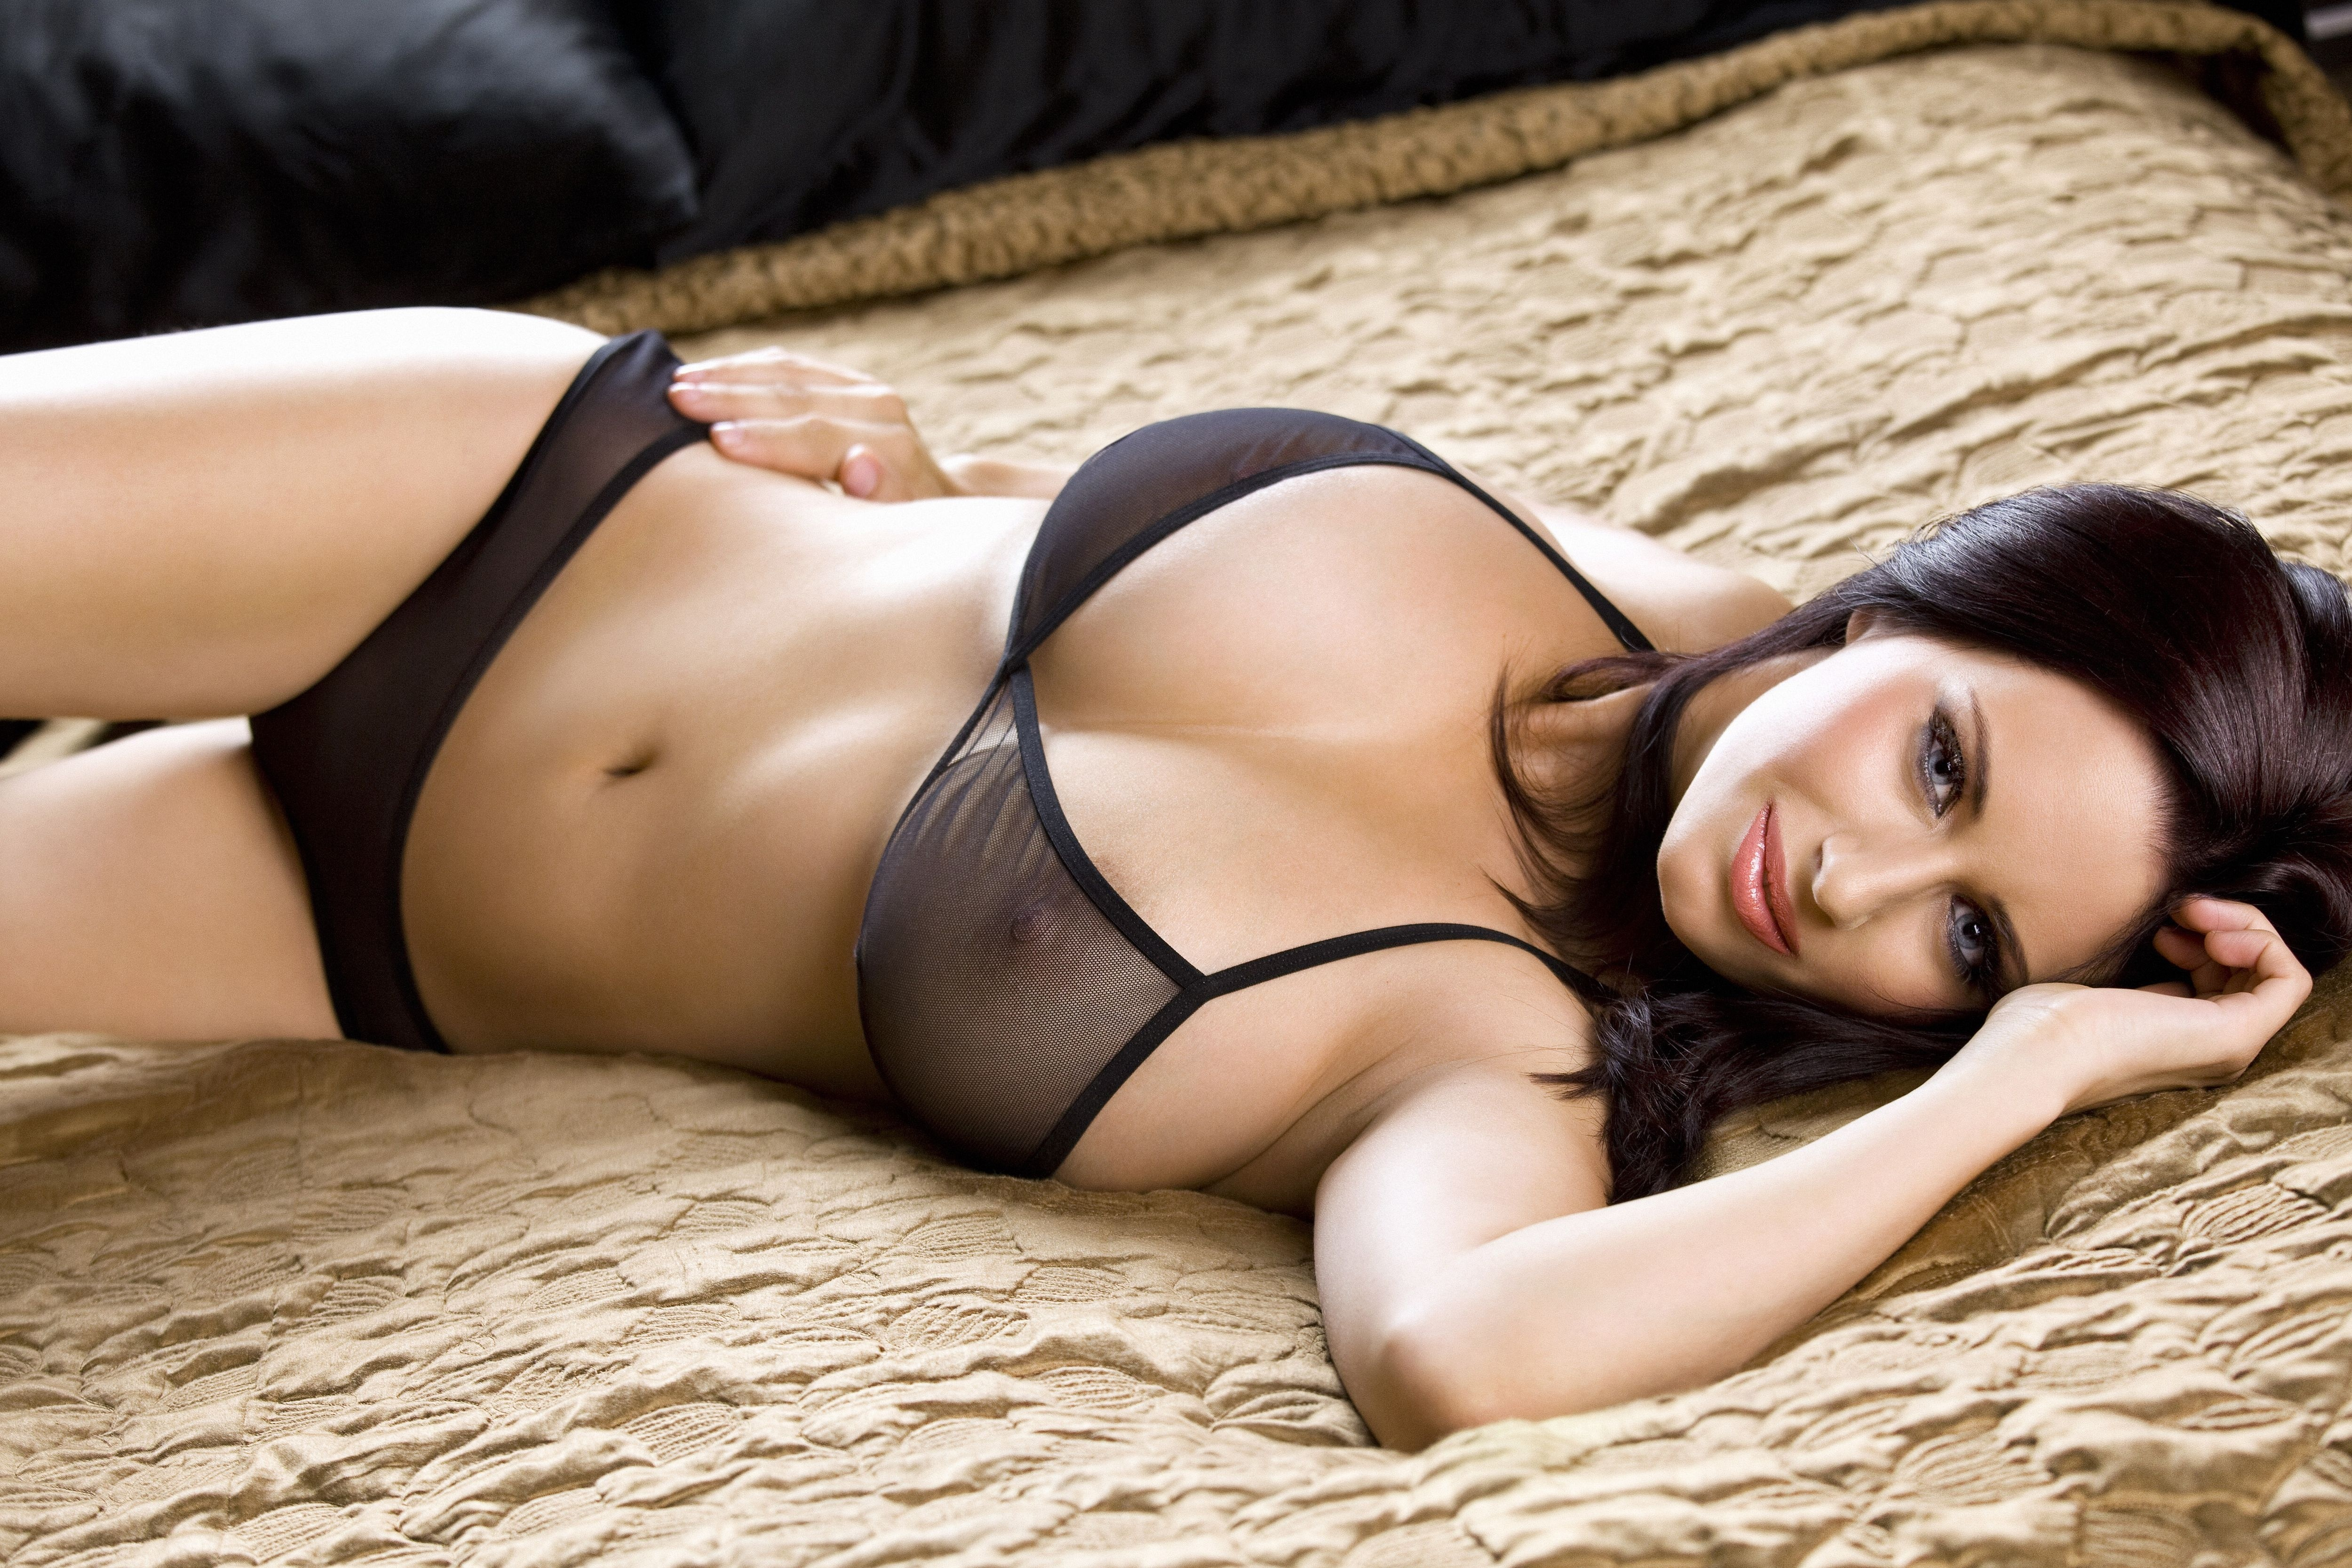 Секси фото самые красивые девушки 6 фотография